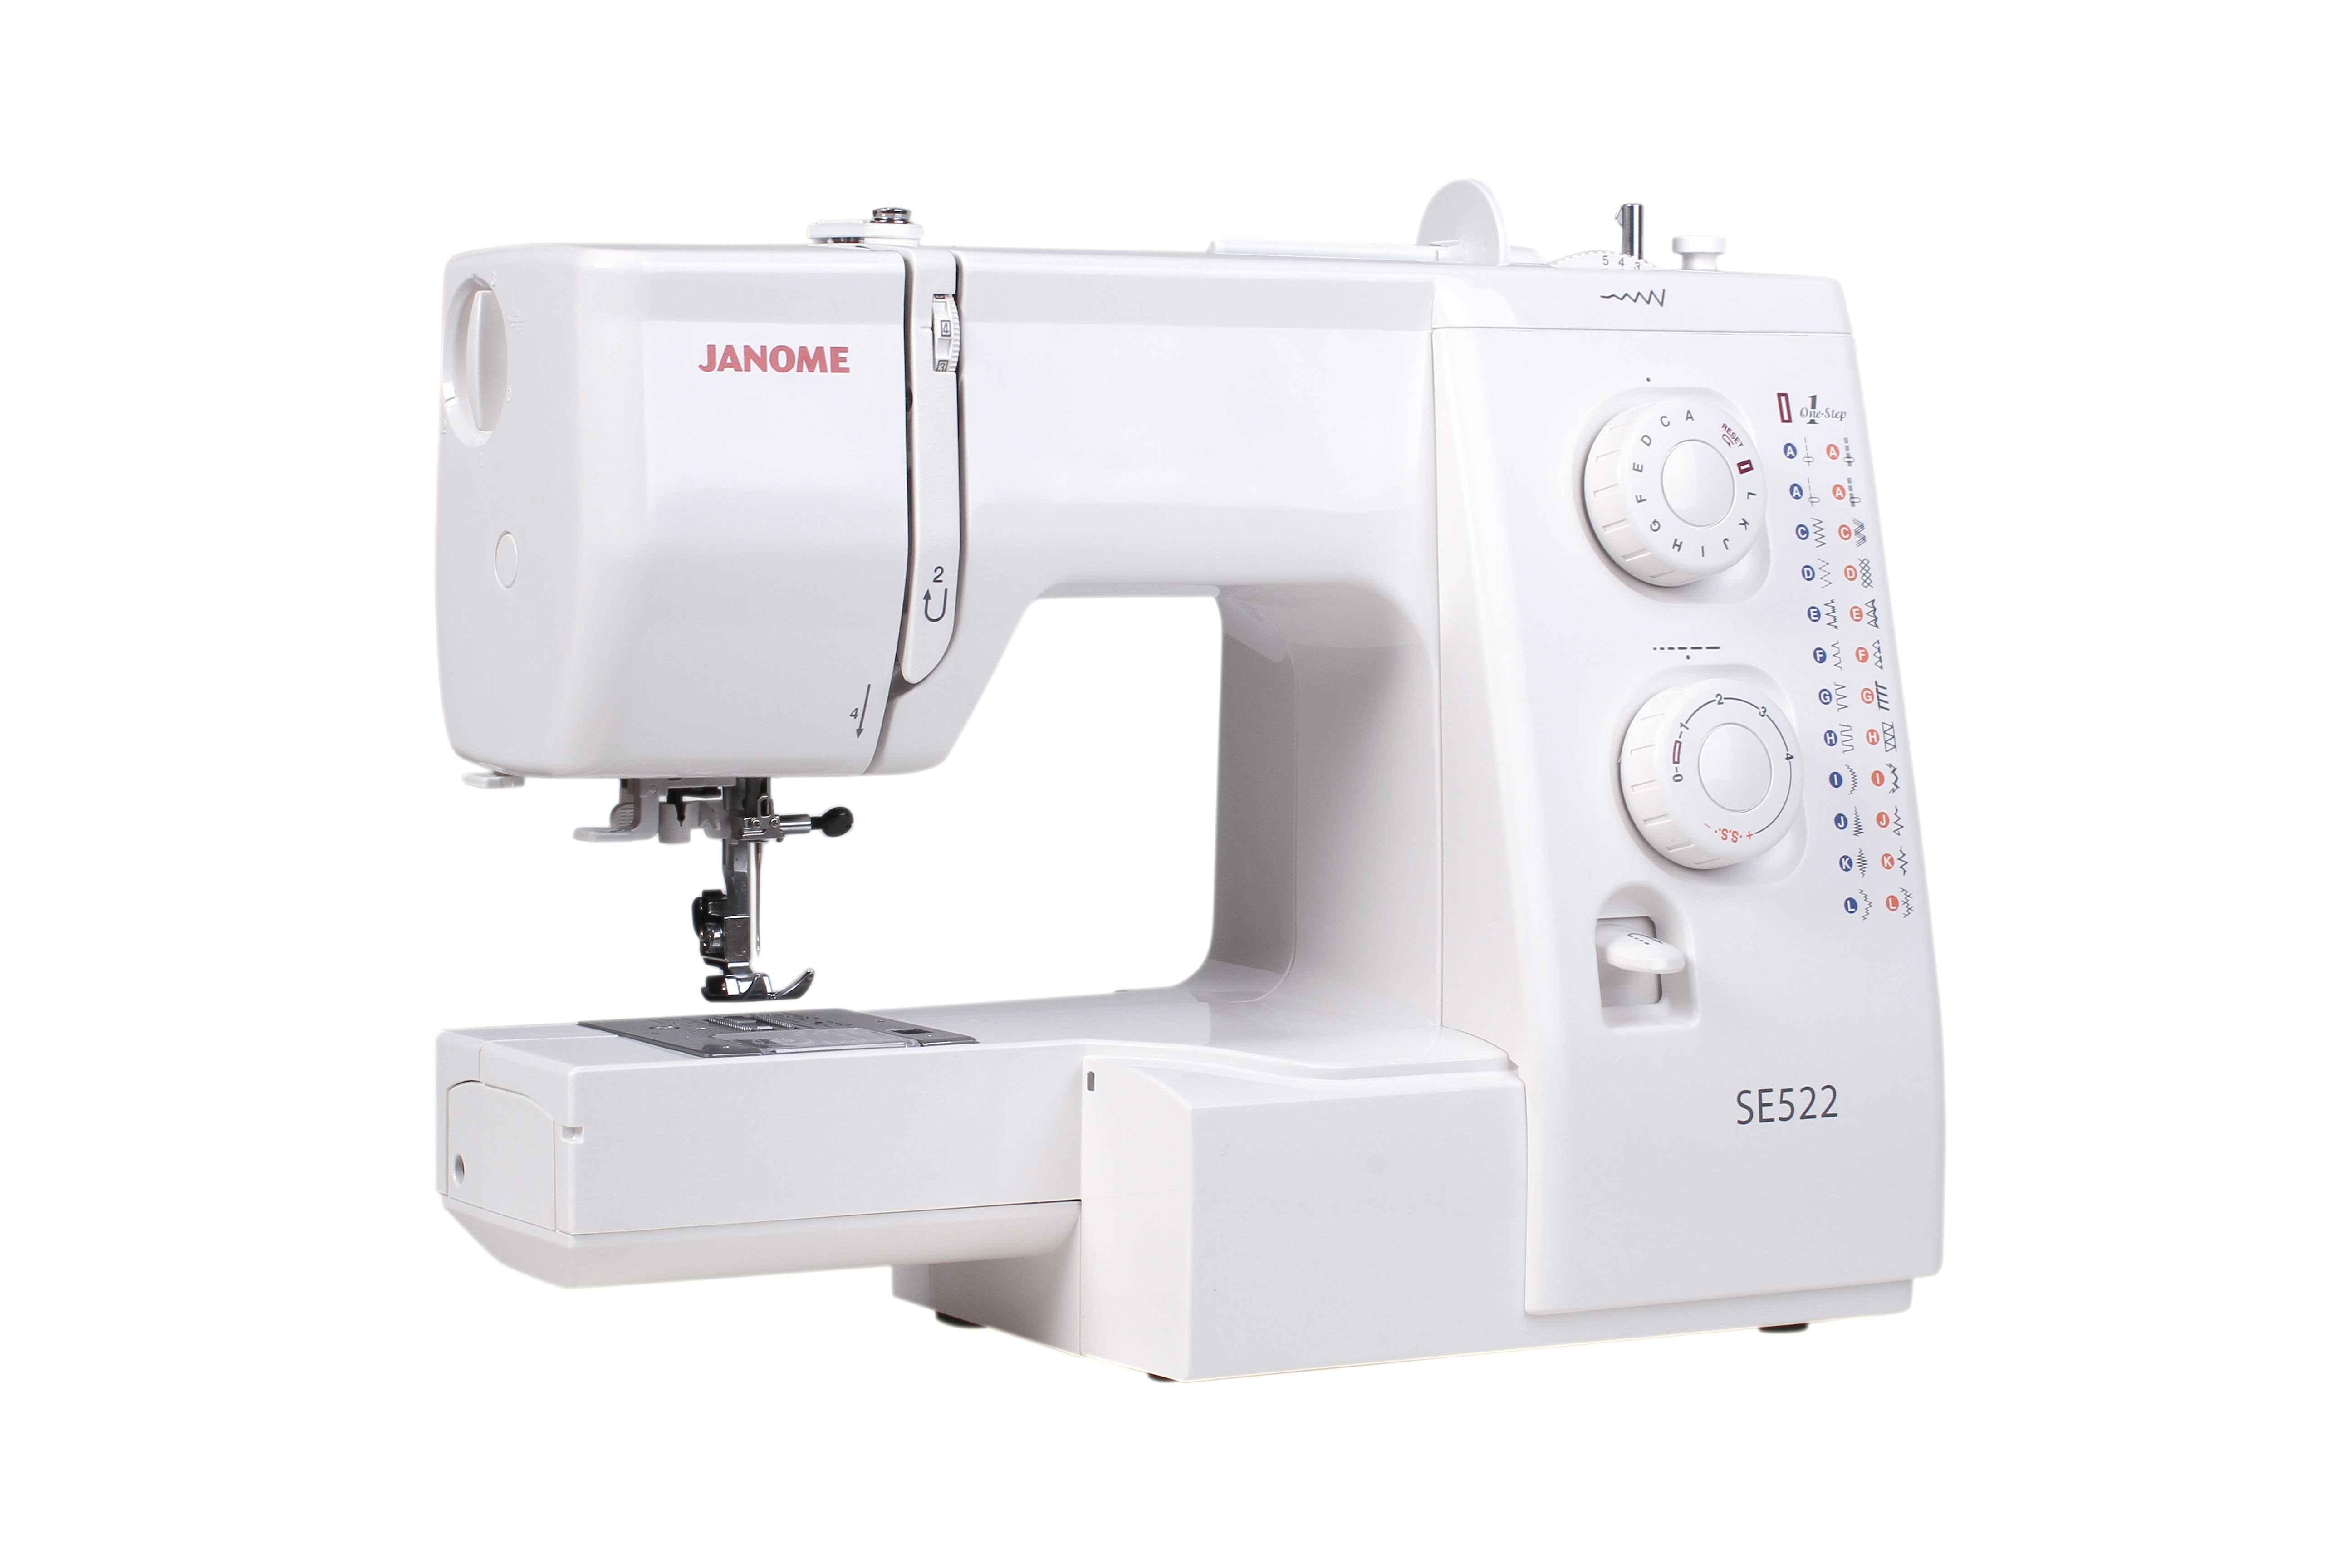 Швейная машина Janome SE 522 / 525S недорго, оригинальная цена